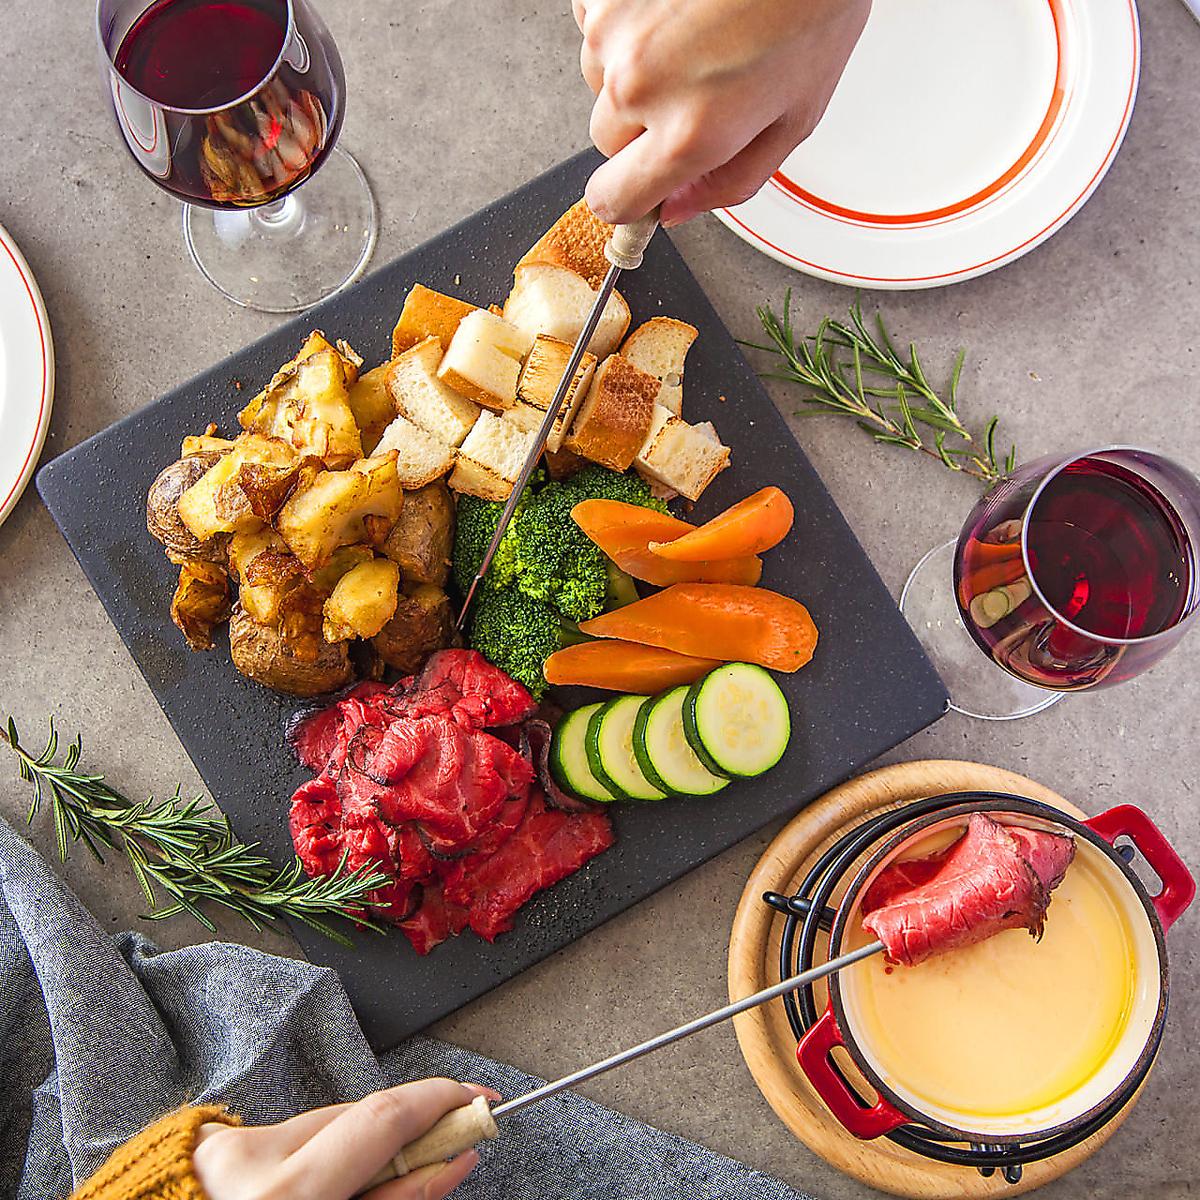 ワインはもちろんカクテルやサワー、焼酎の種類も豊富!